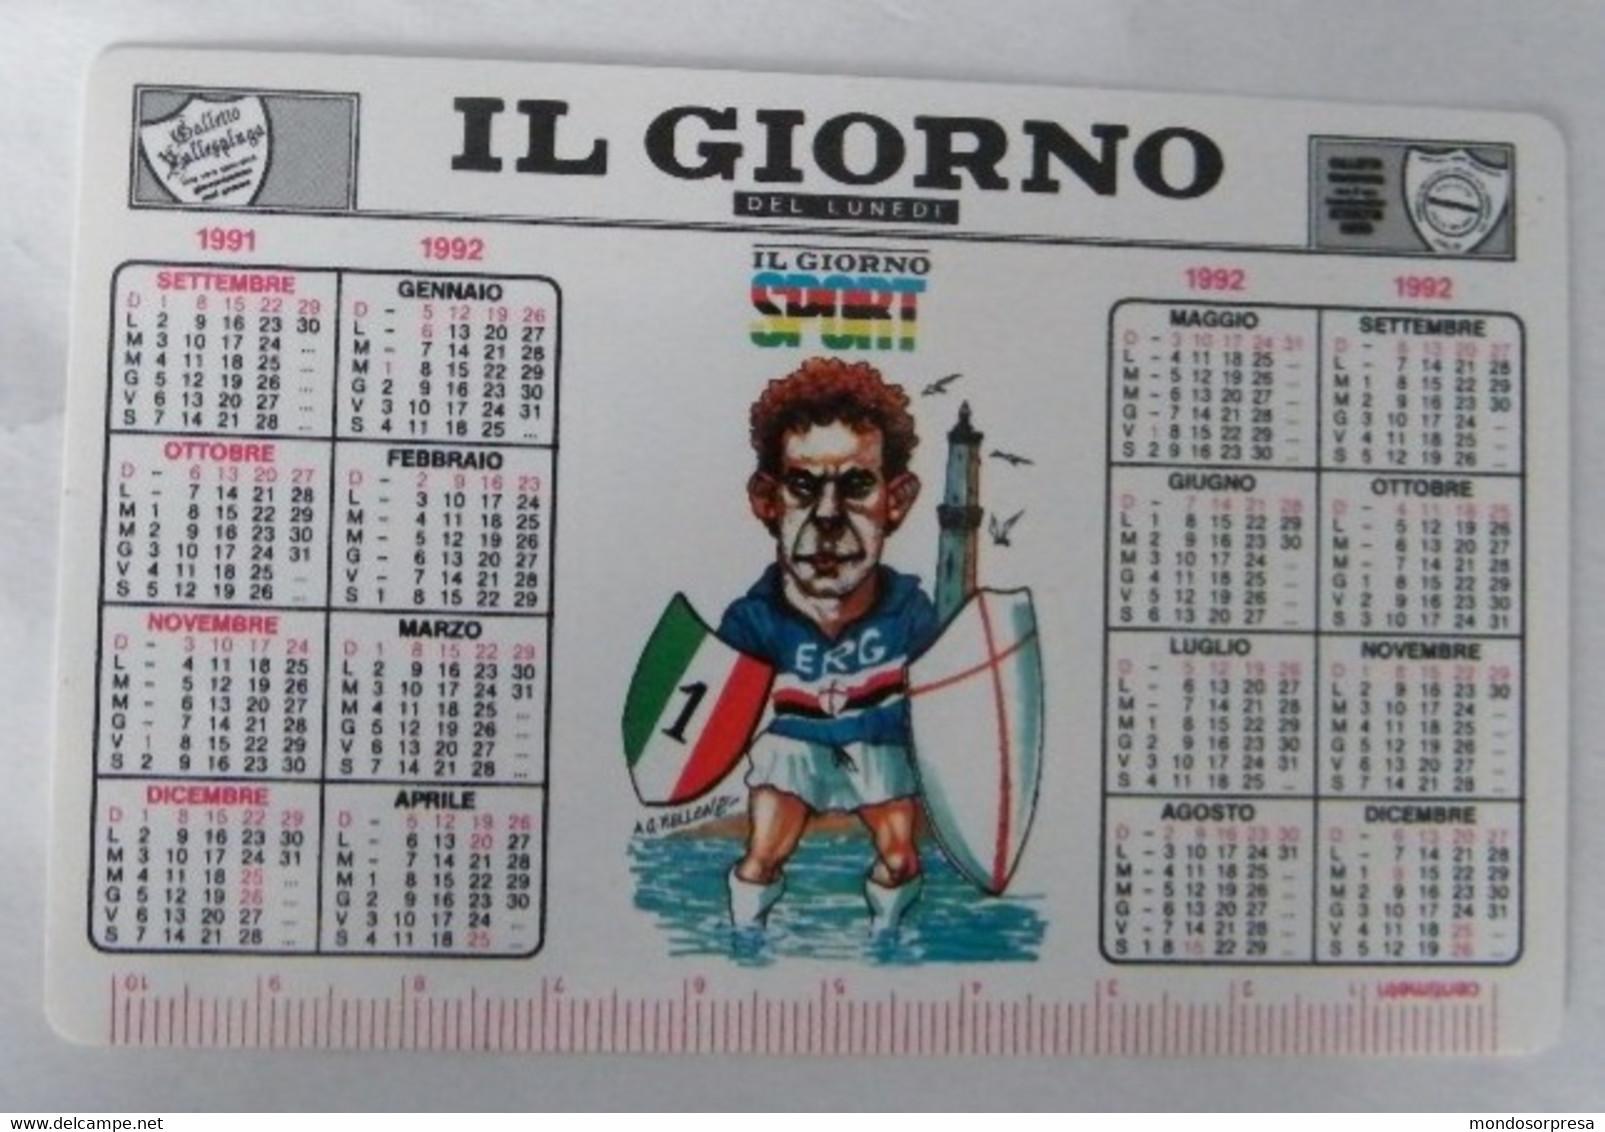 CALENDARIETTO, CALENDARIO TASCABILE, IL GIORNO CAMPIONATO DI CALCIO SERIE A  ANNO 1991/92 - Calendari